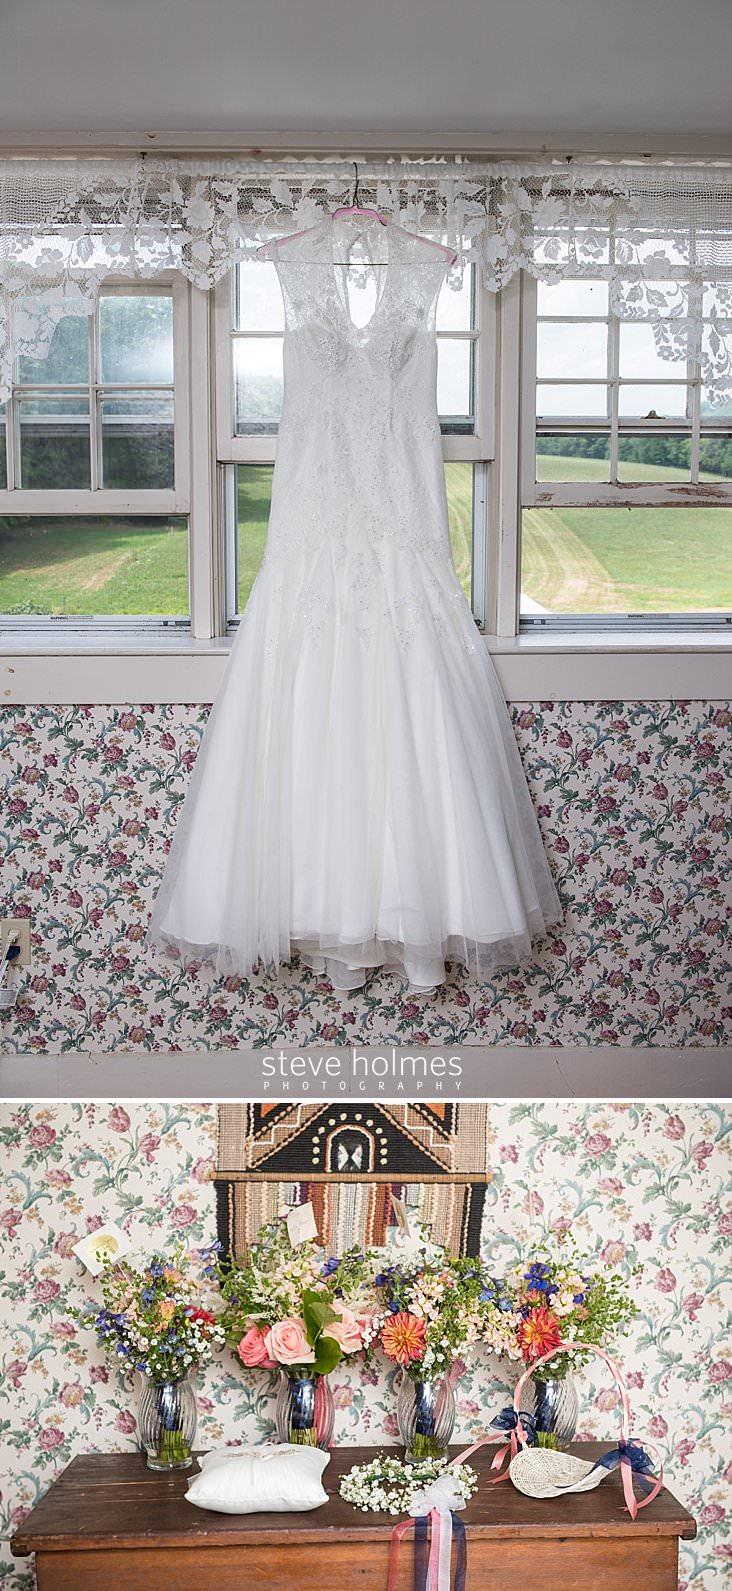 13_Wedding dress hangs in window.jpg